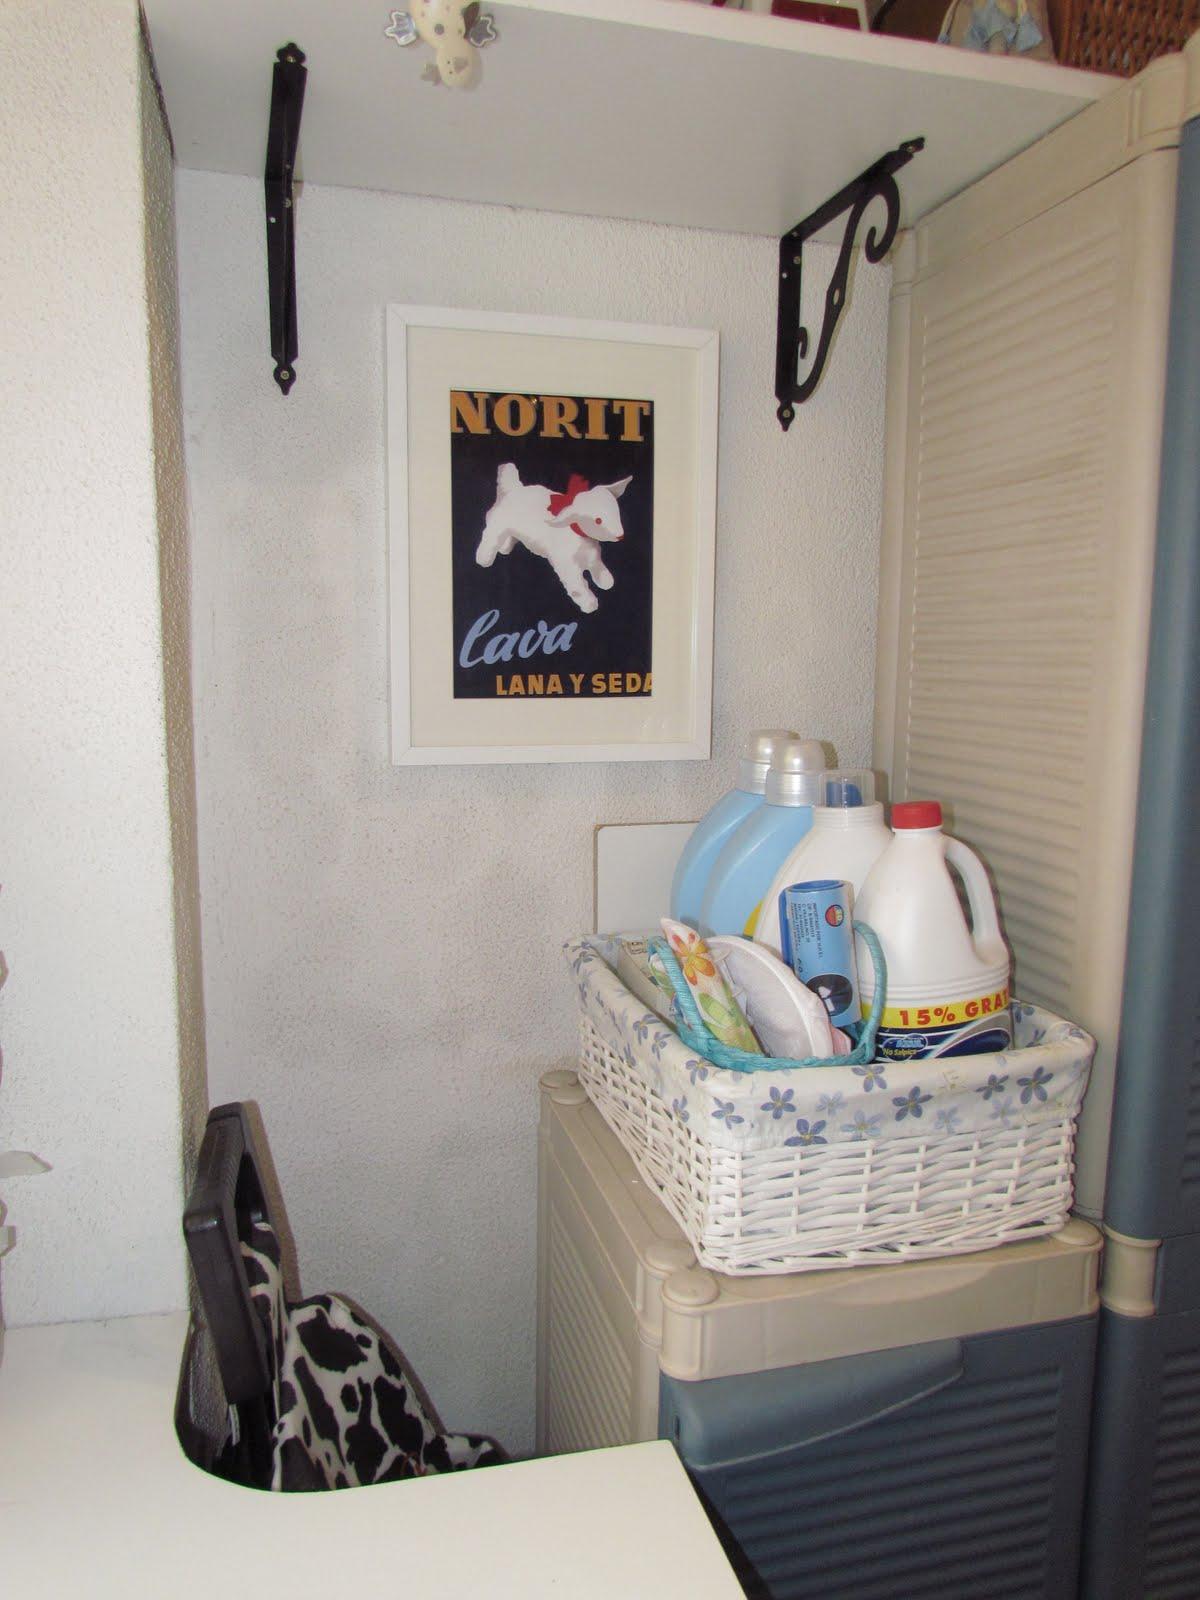 #446F87 Tags: mi casa tendedero. Author: Lorena Pose Amor por la decoración 1648 Janela De Alumínio Leroy Merlin